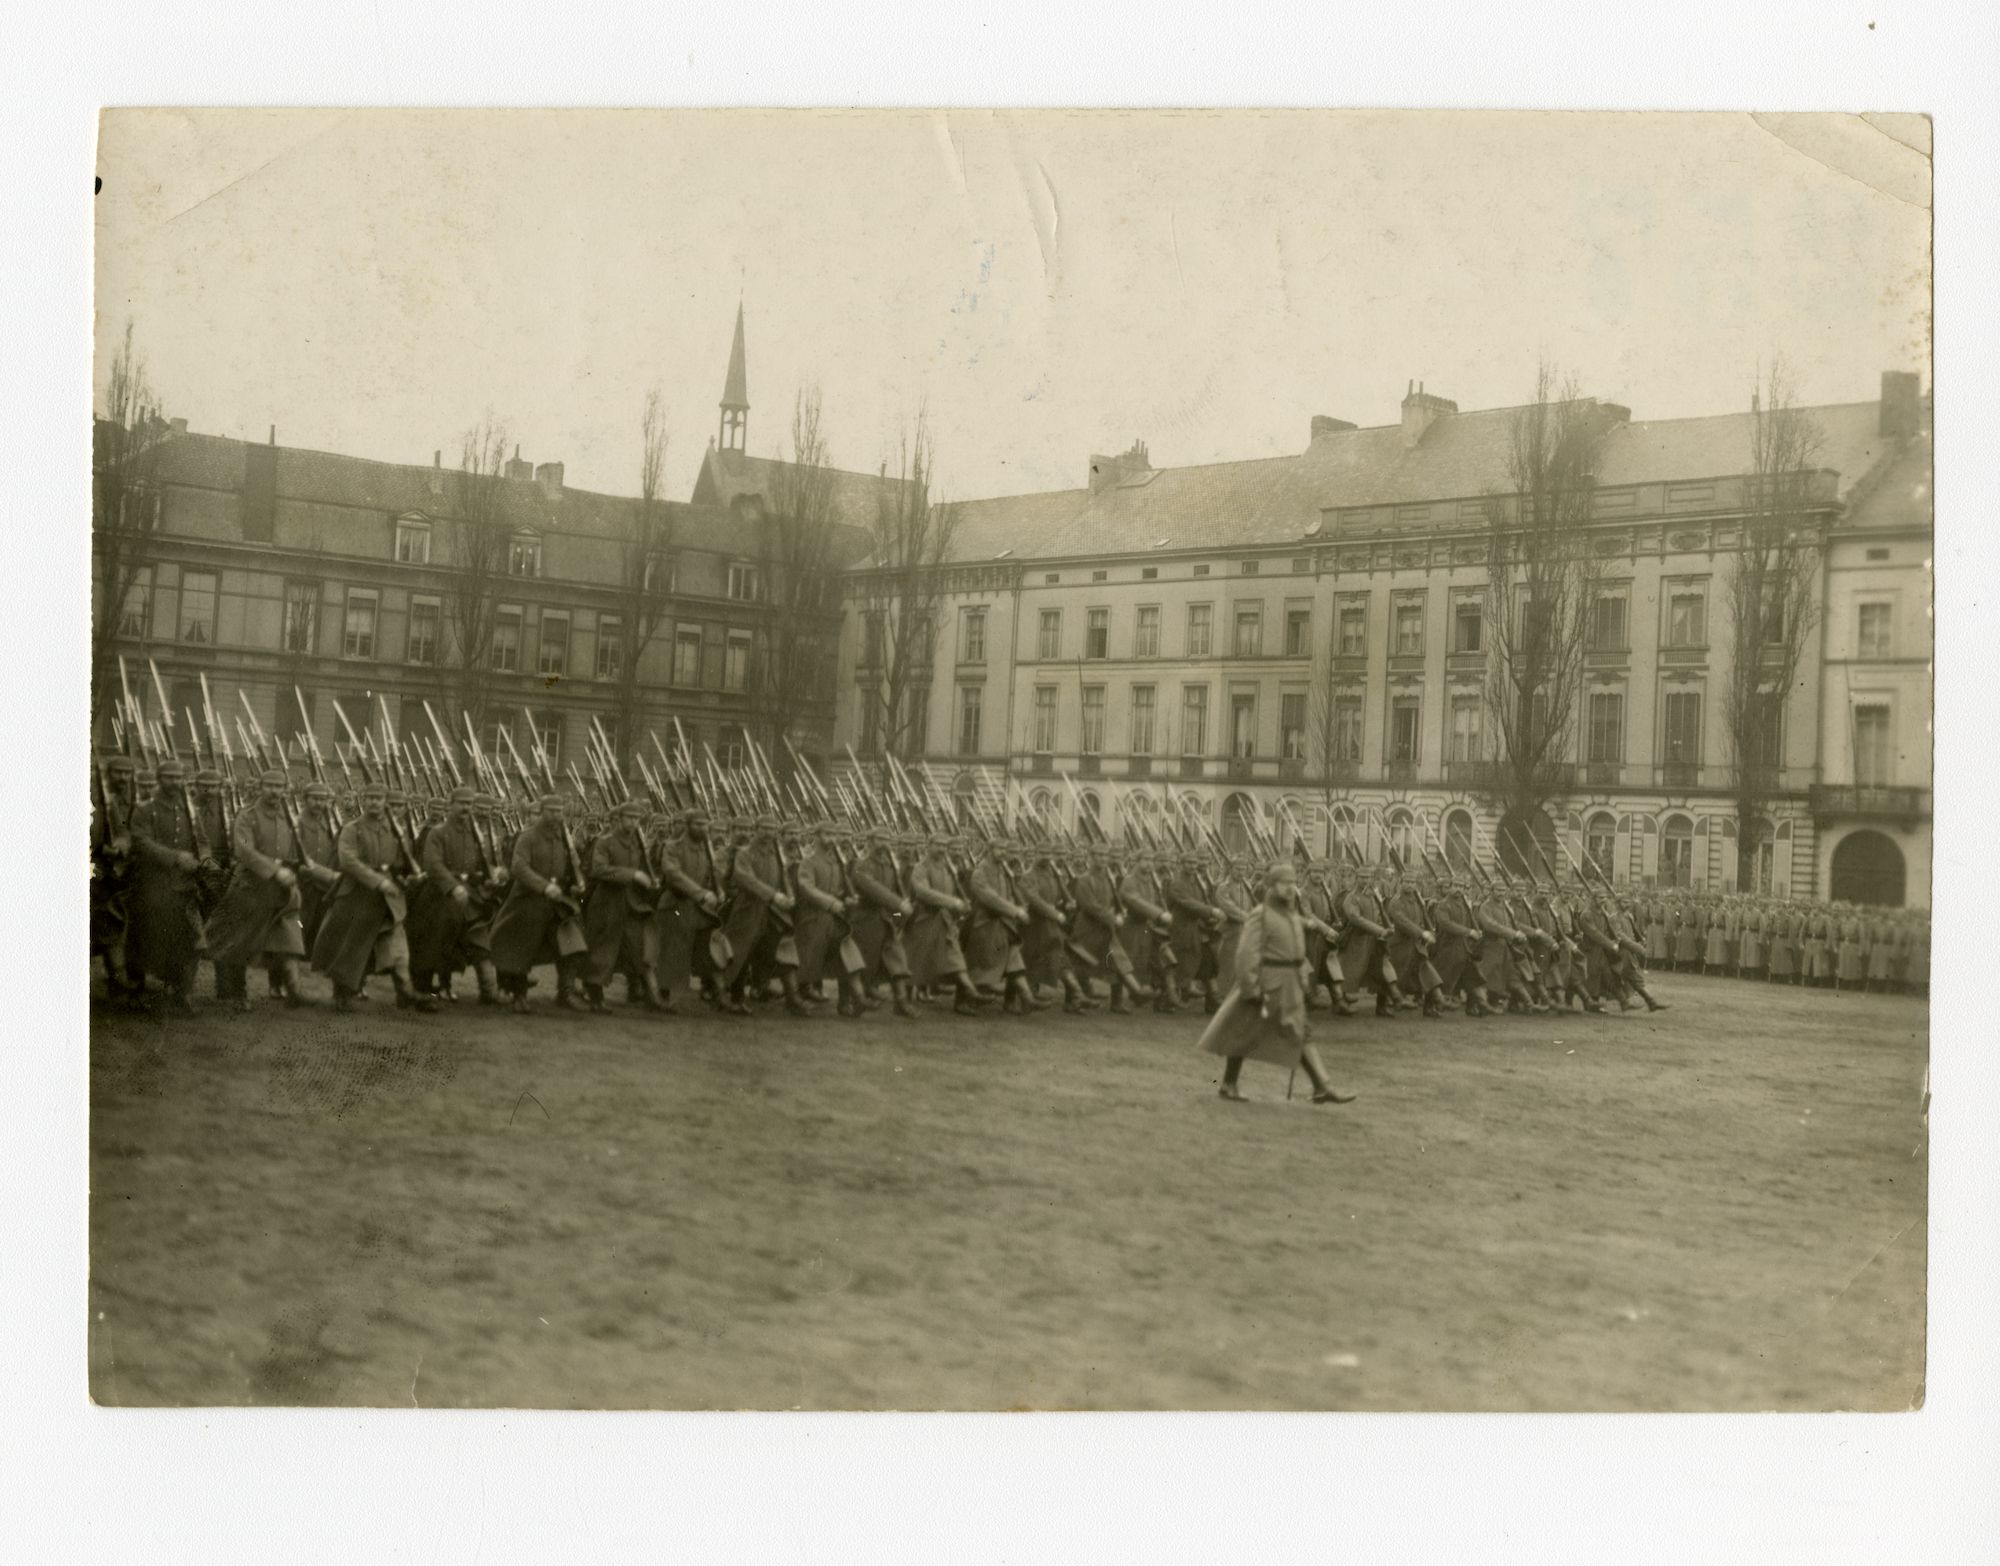 Gent: Sint-Pietersplein: militaire parade voor de verjaardag van de Duitse keizer Wilhelm II, 27 januari 1916